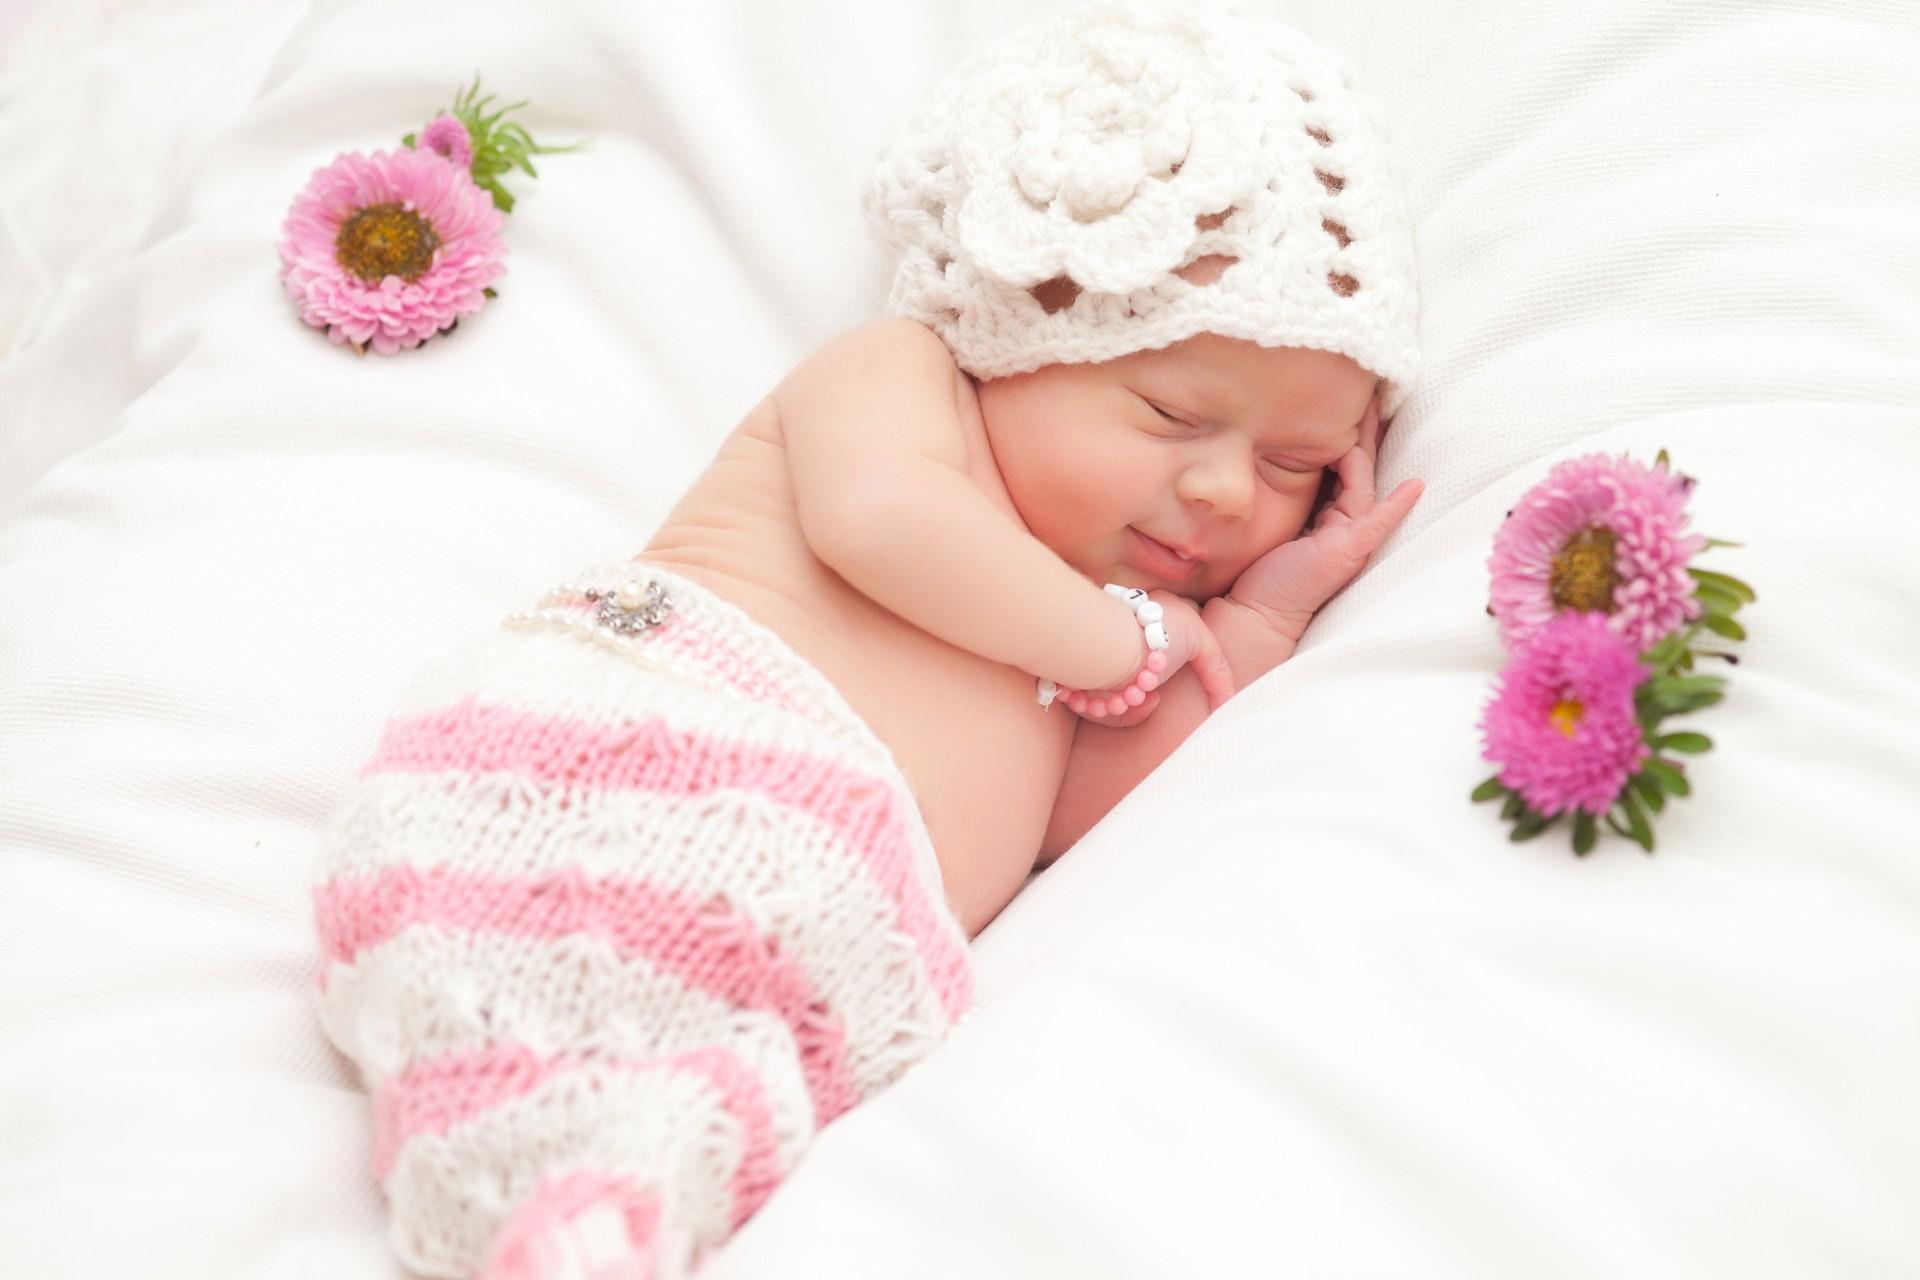 Родится девочка картинки